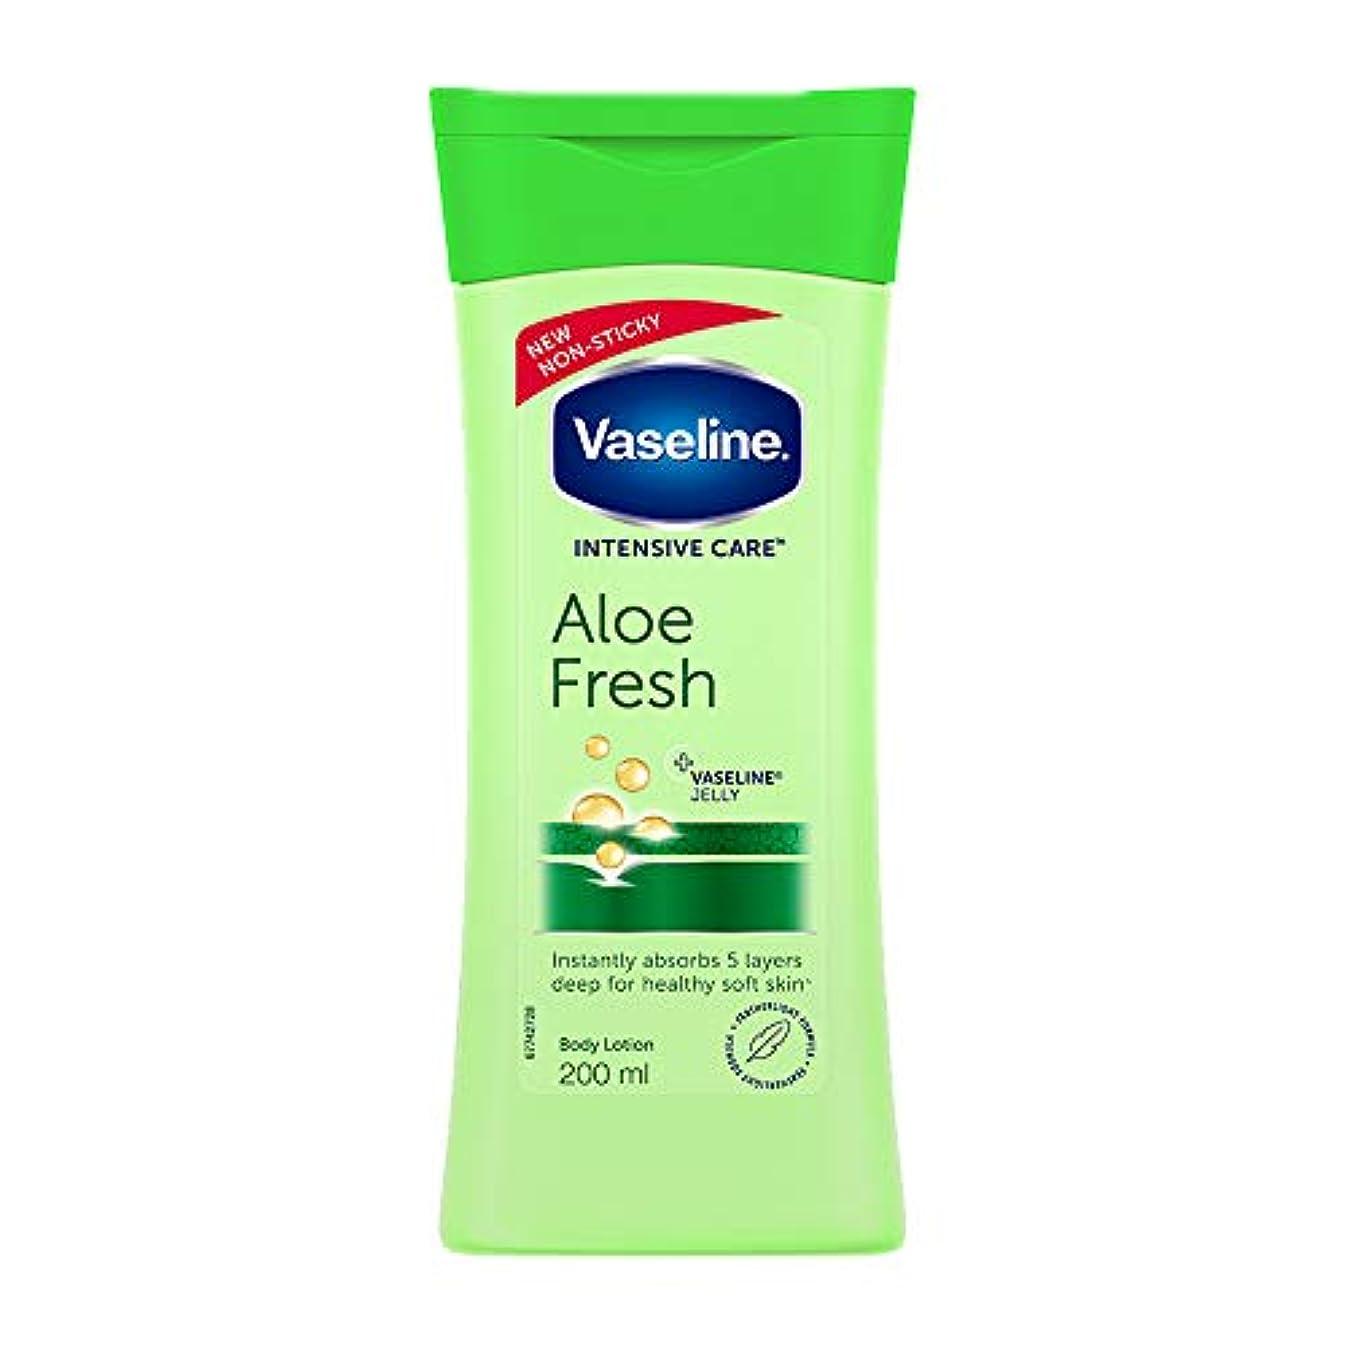 動詞スカープソフトウェアVaseline Intensive Care Aloe Fresh Body Lotion, 200 ml